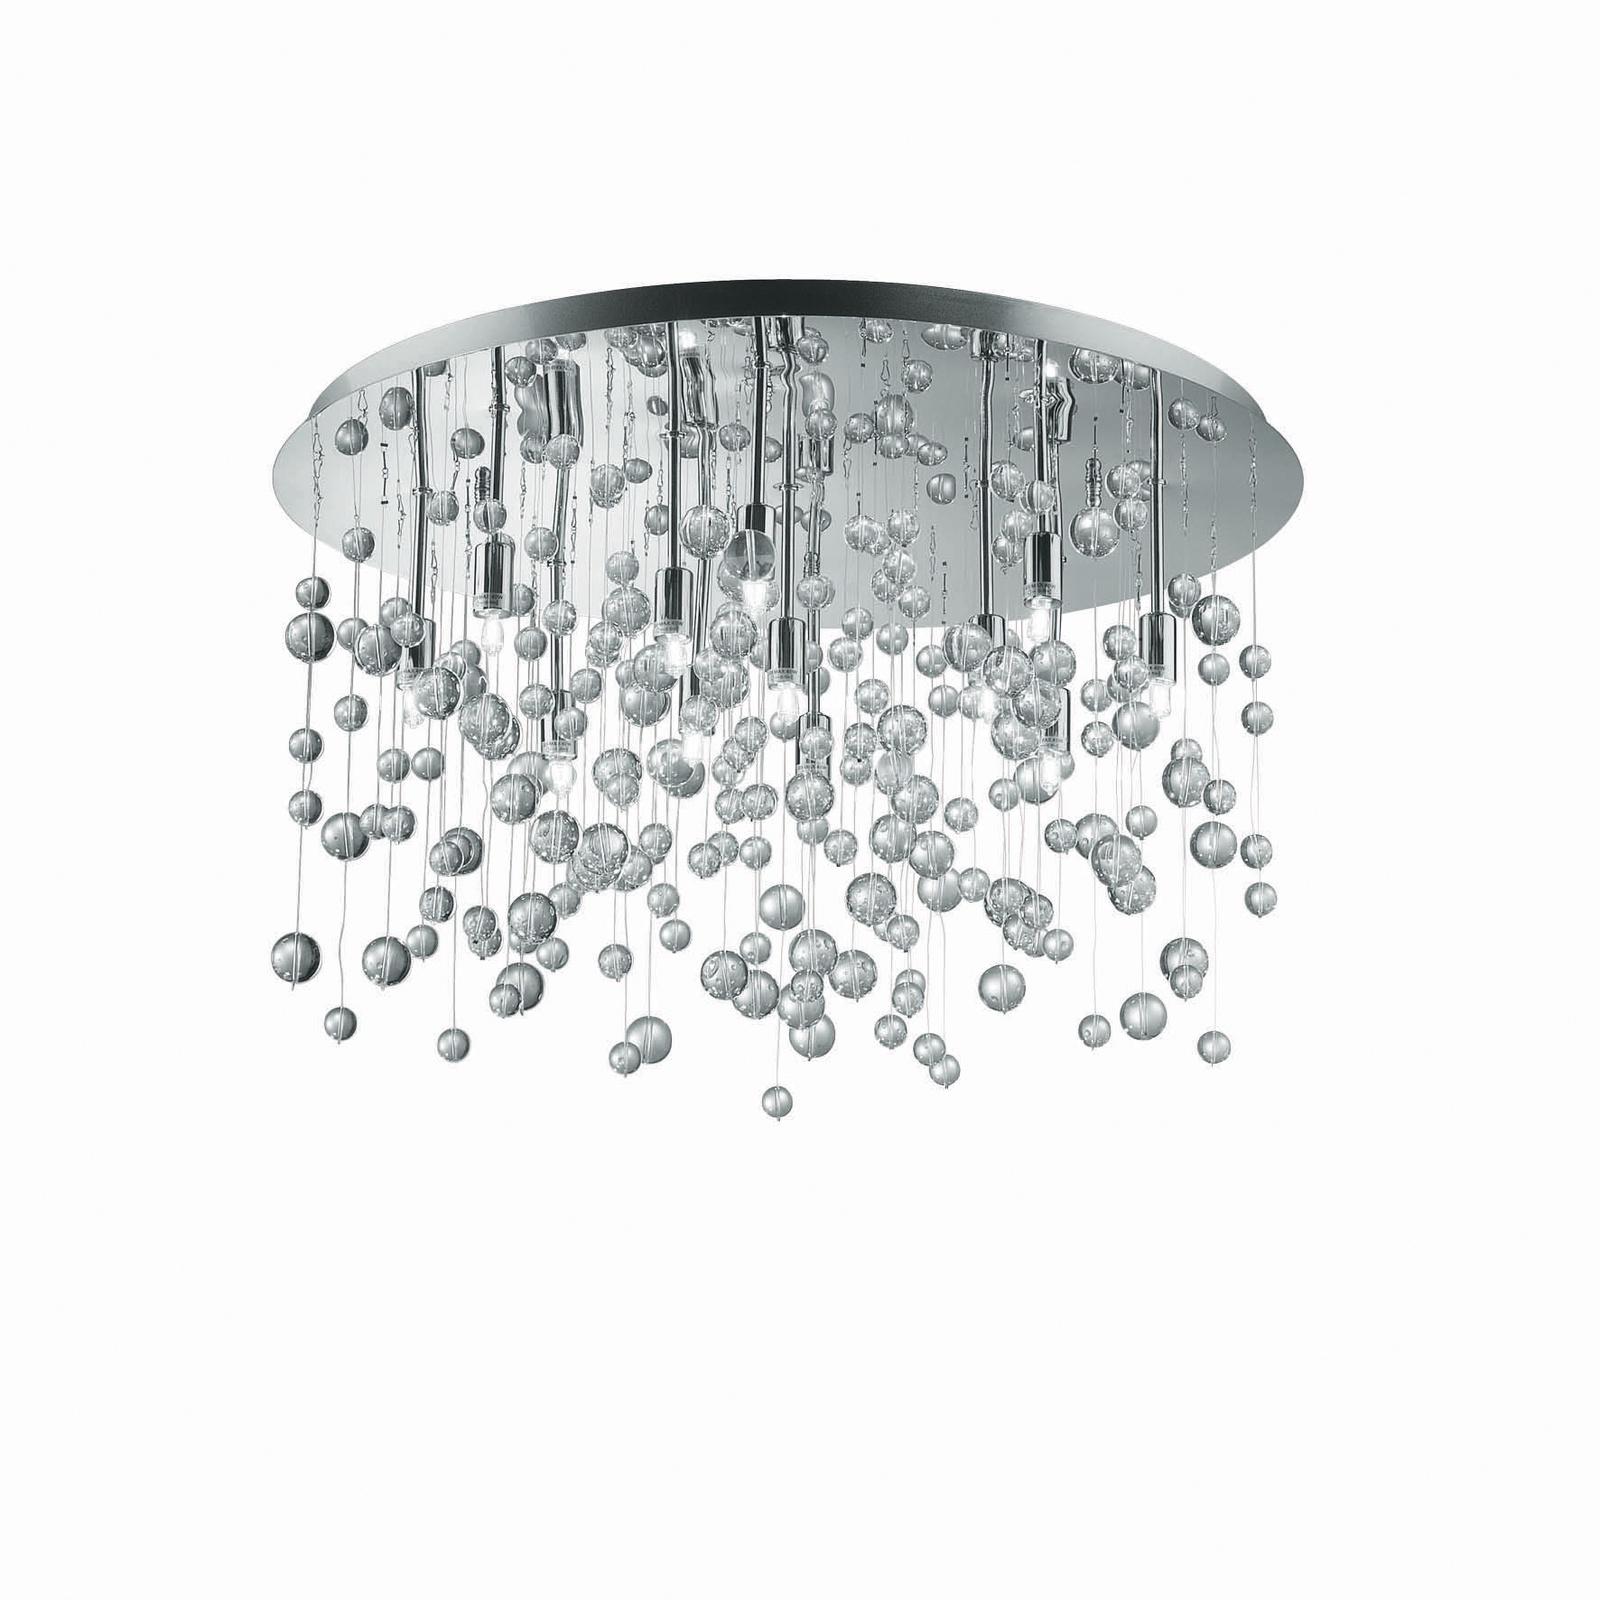 Потолочный светильник Ideal Lux PL12 CROMO ideal lux потолочный светильник ideal lux neve pl12 bianco